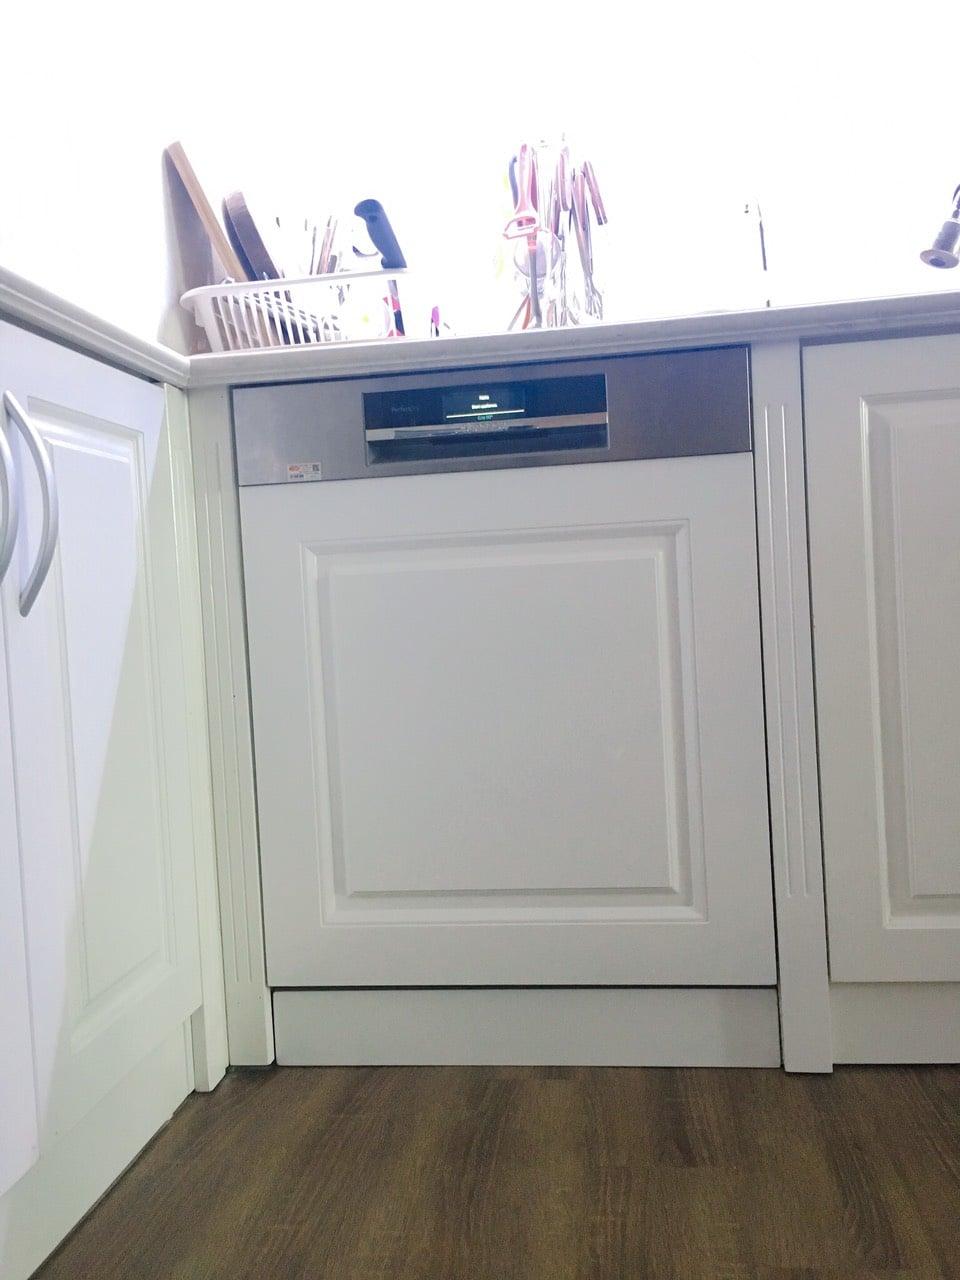 Nhà đẹp thêm SANG nhờ máy rửa bát Bosch âm tủ Smi88ts46e 7